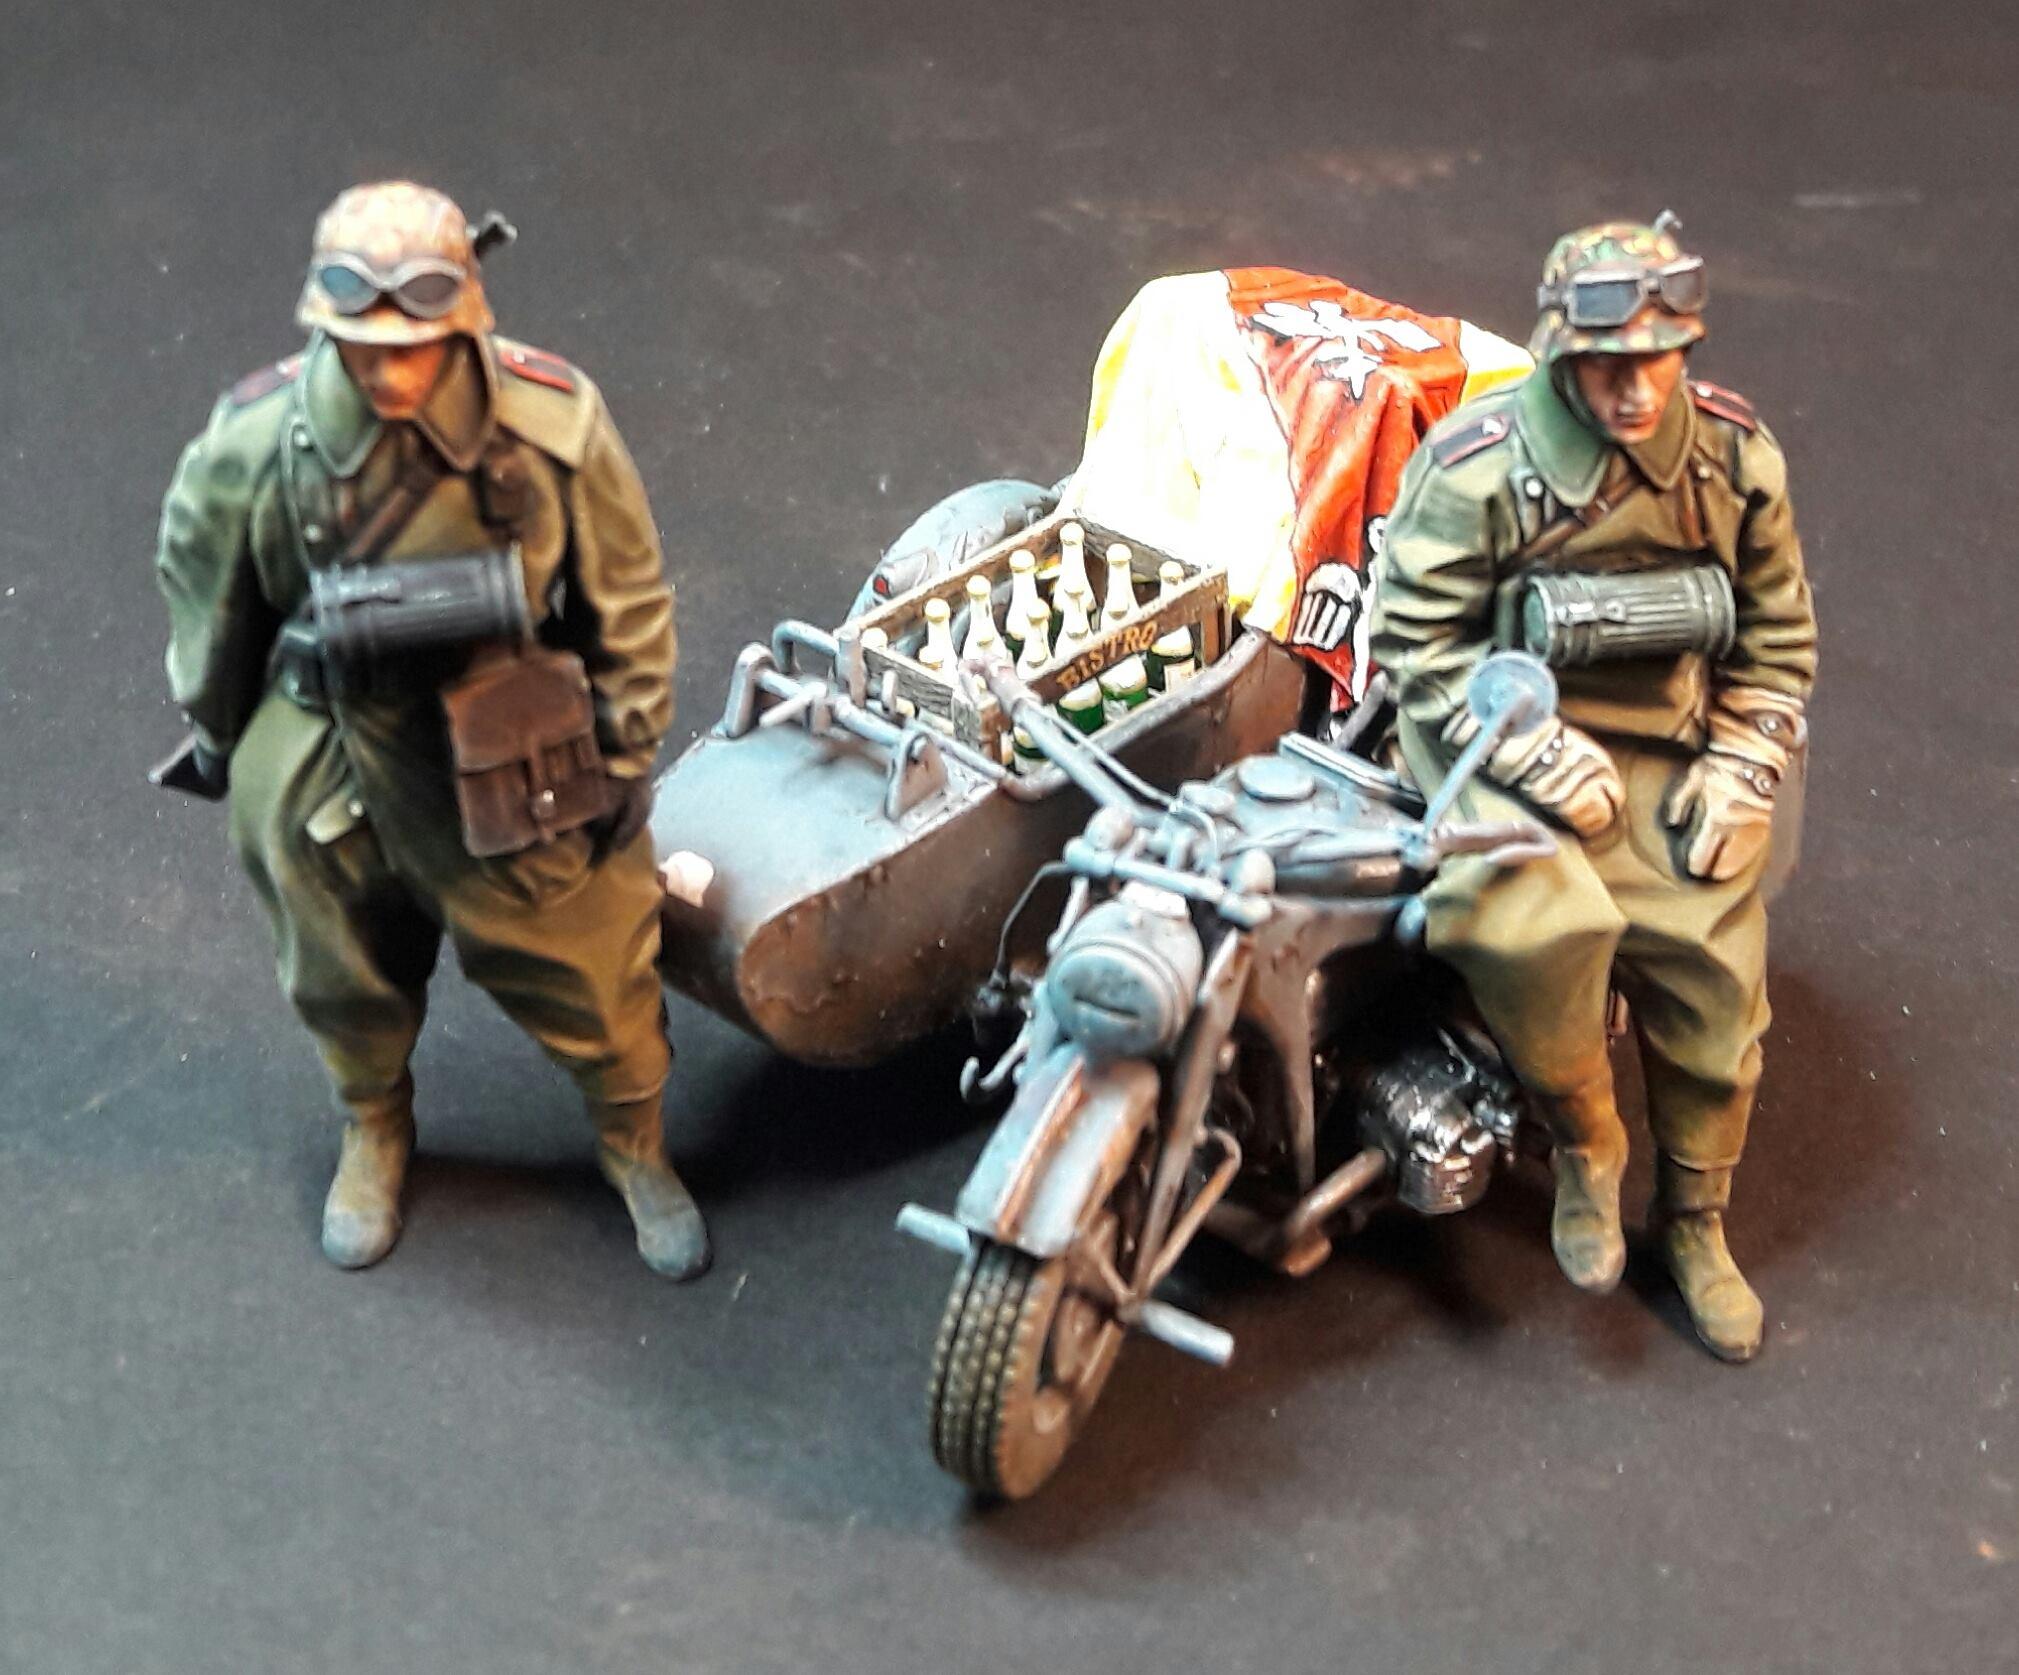 Zündapp KS750 - Sidecar - Great Wall Hobby + figurines Alpine - 1/35 - Page 5 69672319911803102117868058001422136970565o